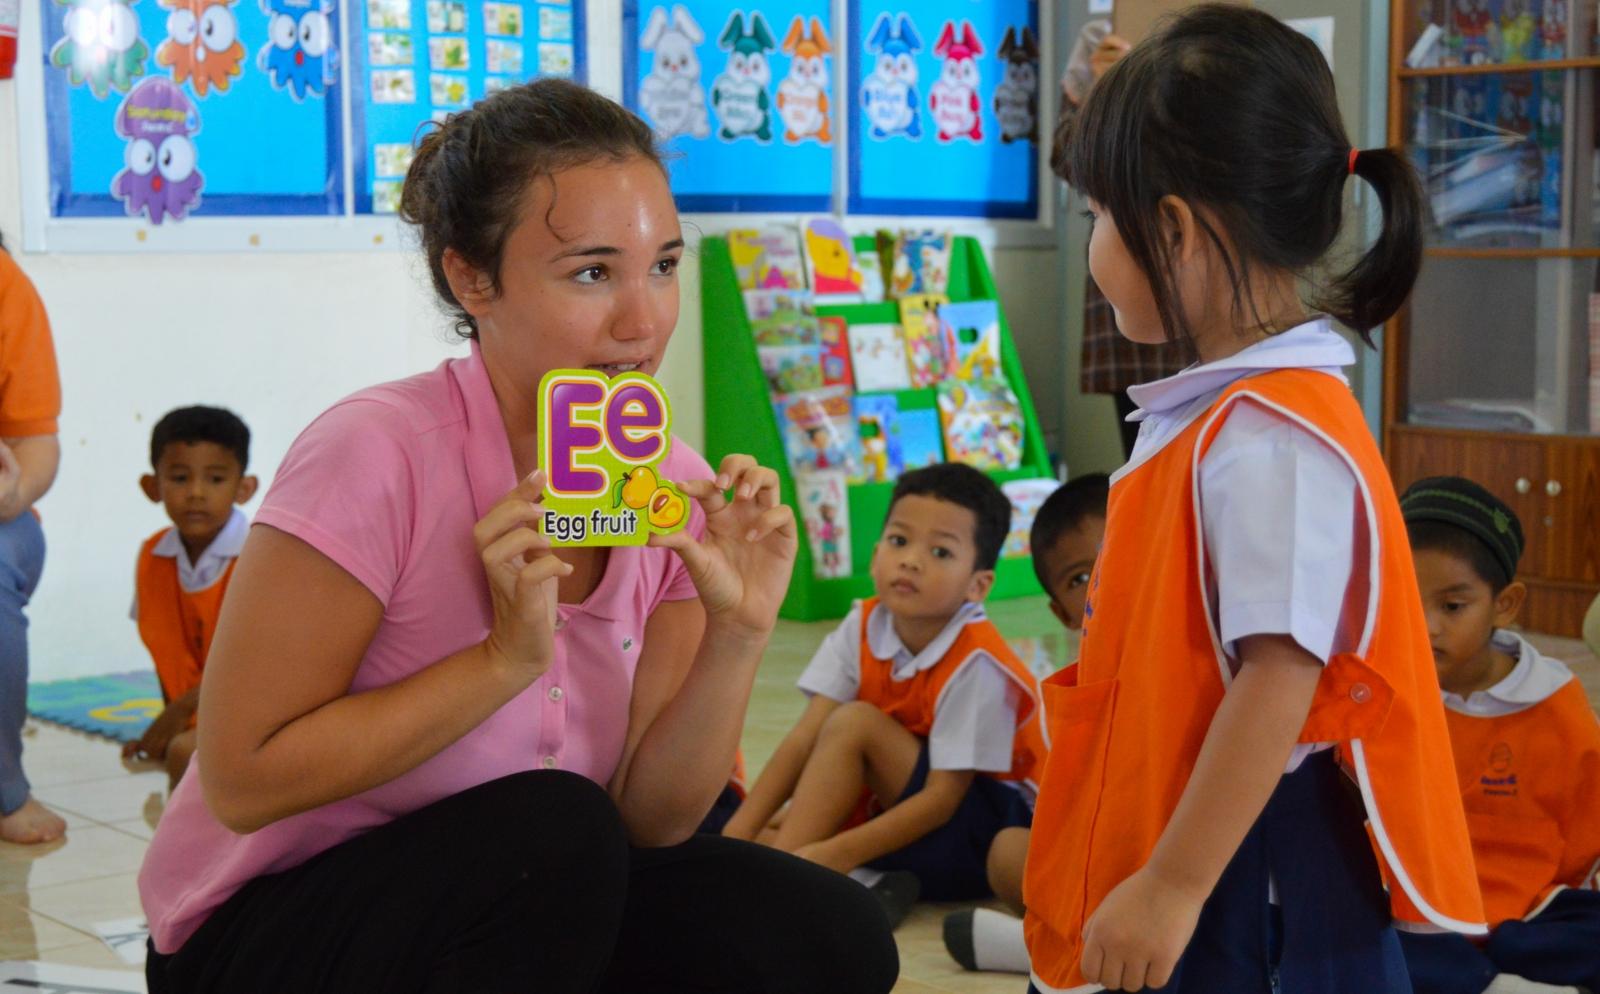 Voluntaria en su año sabático enseñándole a niños el abecedario en Tailandia.